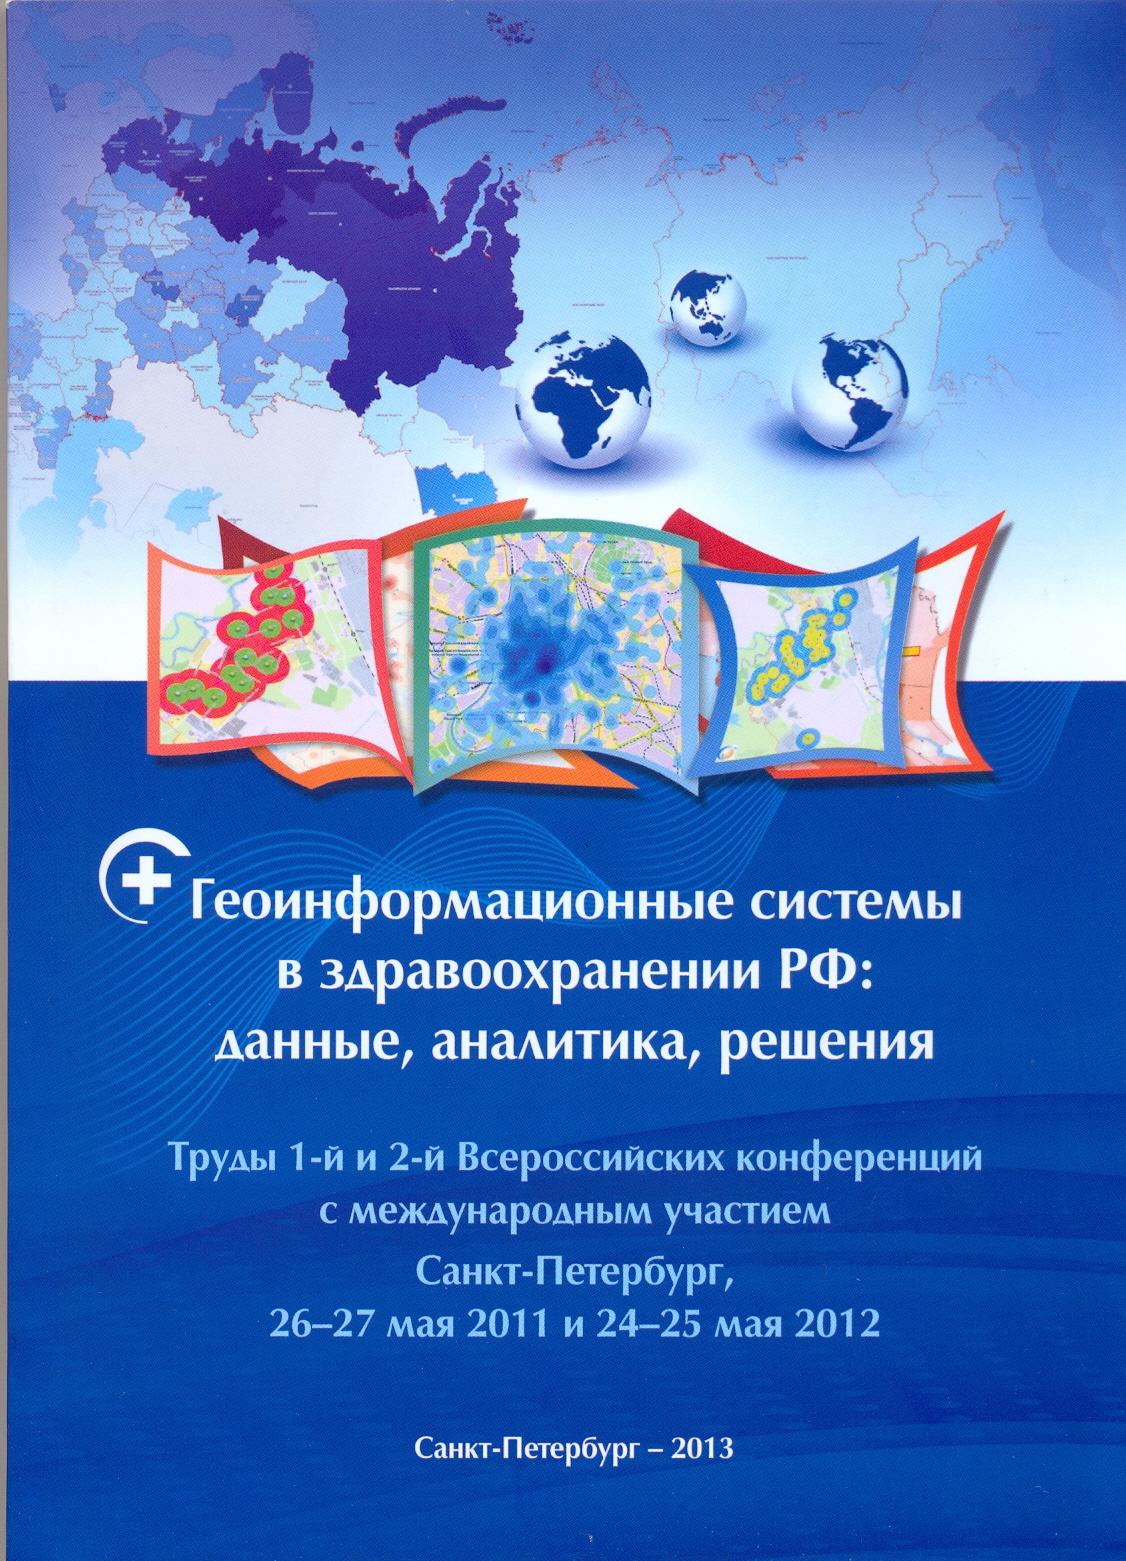 Геоинформационные системы в здравоохранении РФ: данные, аналитика, решения: труды 1-й и 2-й Всероссийских конференций с международным участием